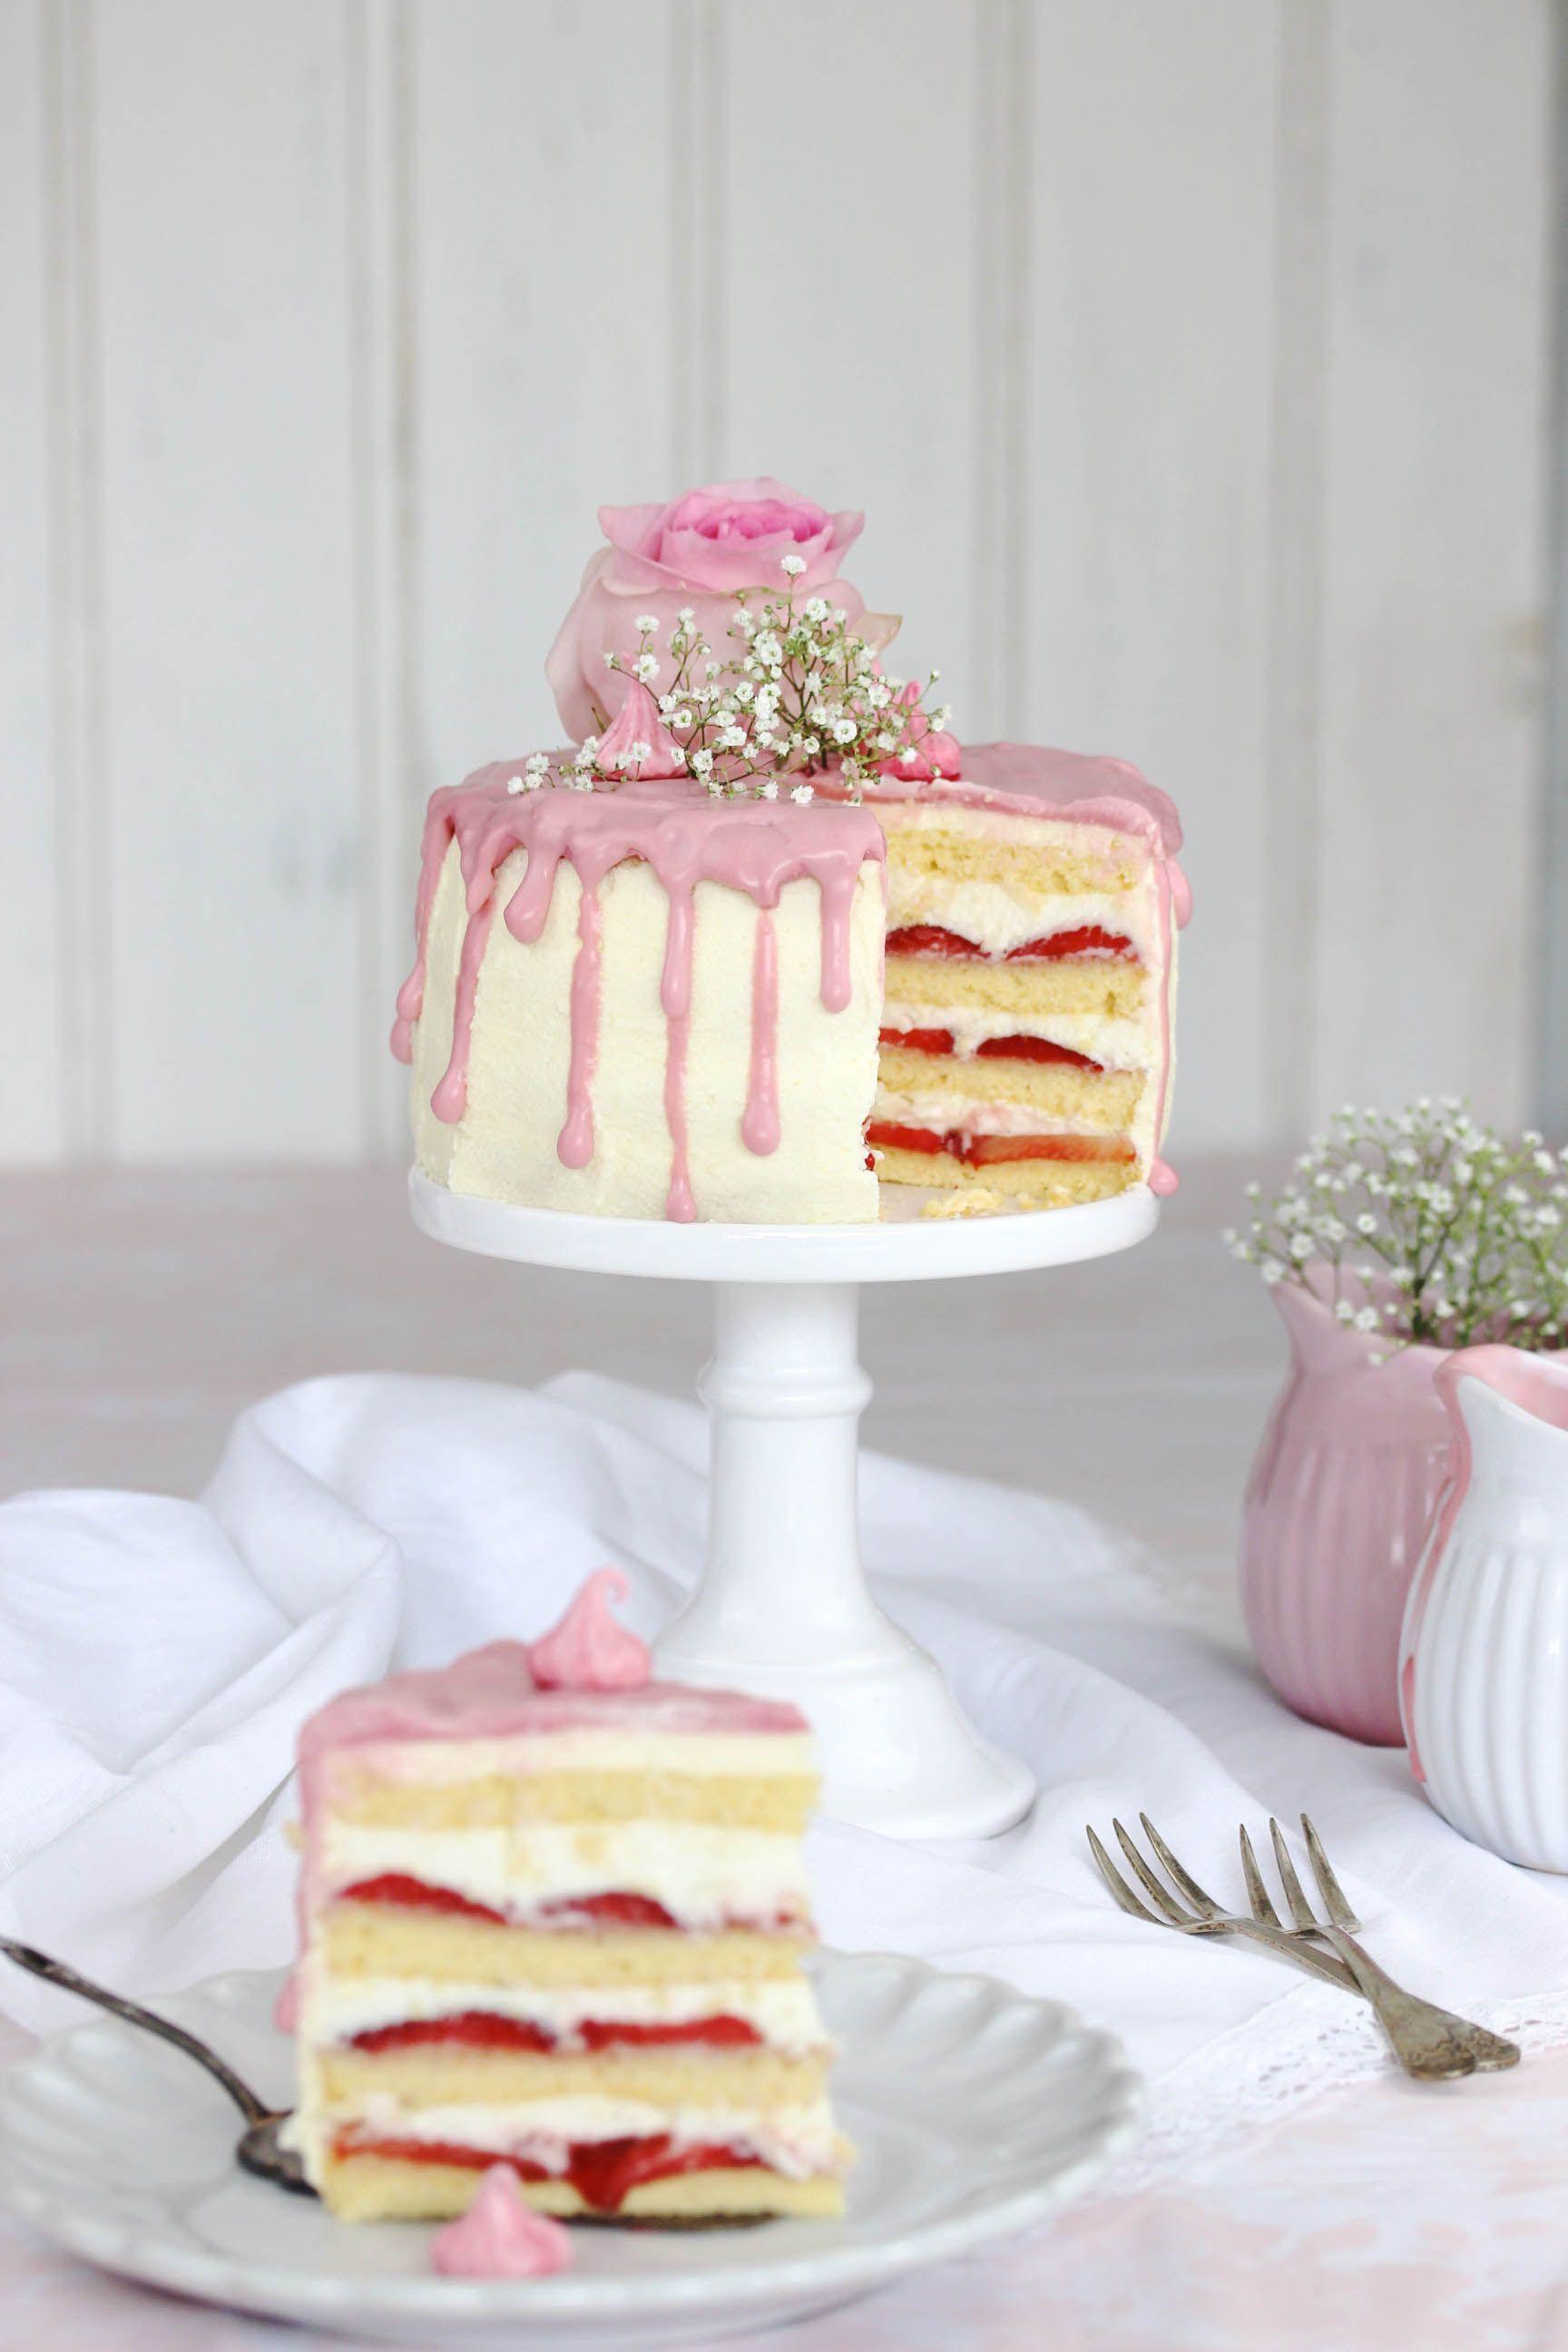 Lovely Erdbeer Frischk se Torte Biskuit Teig kaufen Glasur weglassen Raffaelo oben drauf